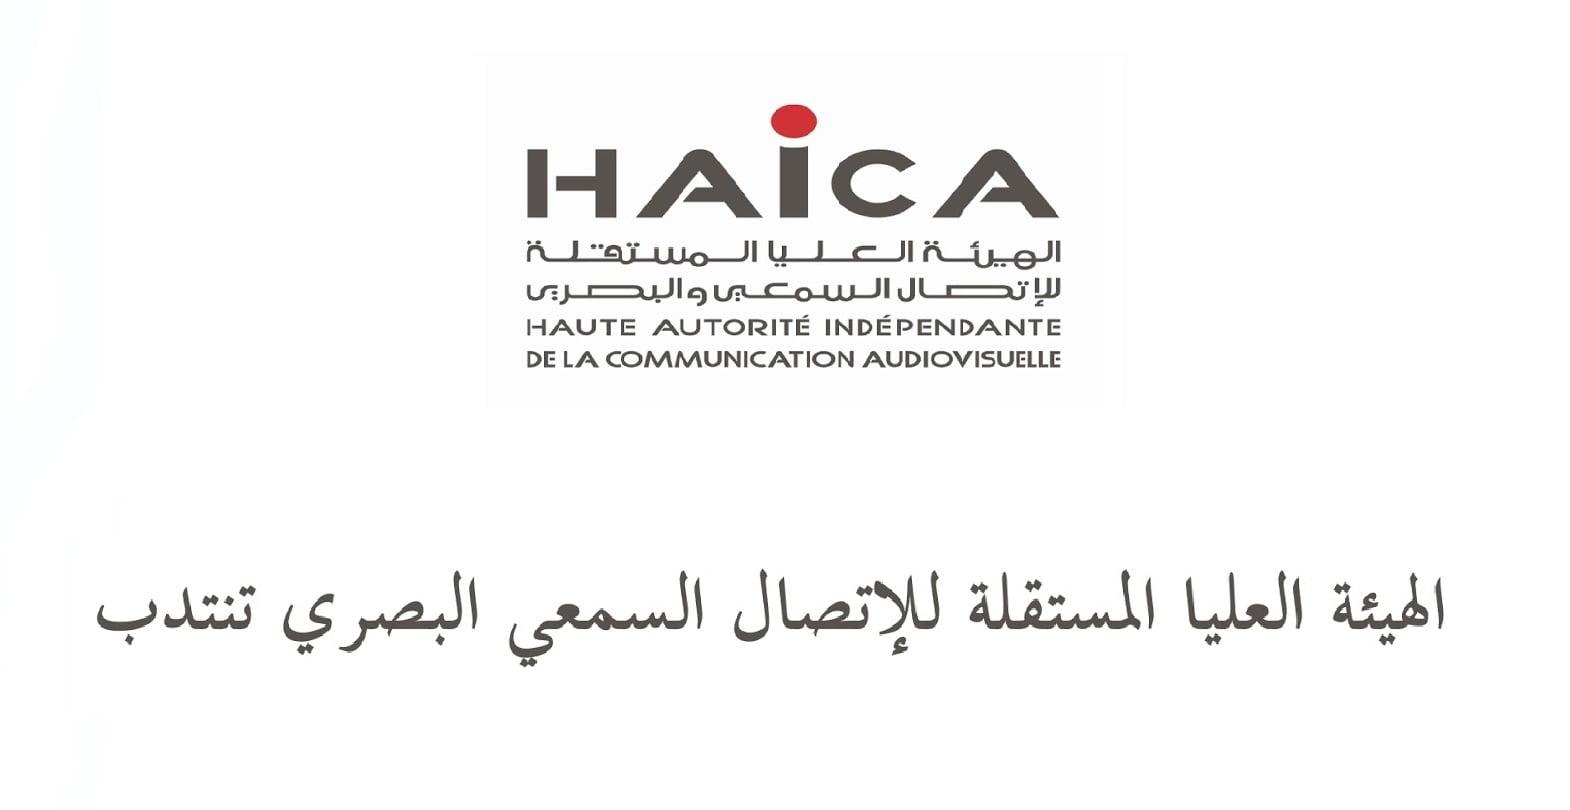 الهيئة العليا المستقلة للإتصال السمعي و البصري